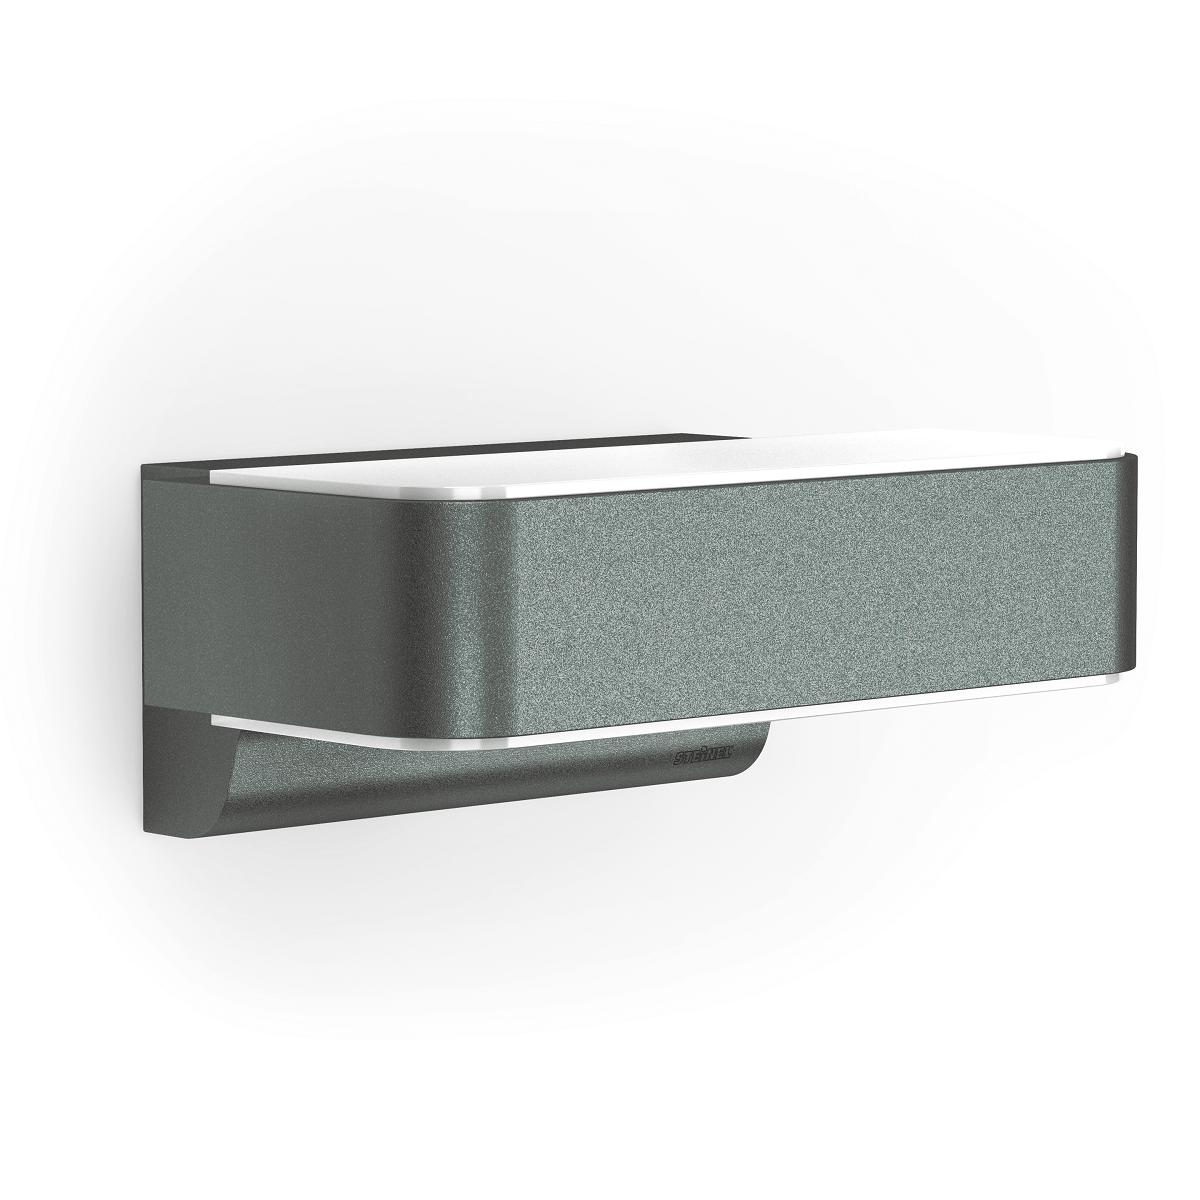 Steinel Außenleuchte L 810 Anthrazit Wandlampe Aluminium 12,5 W,